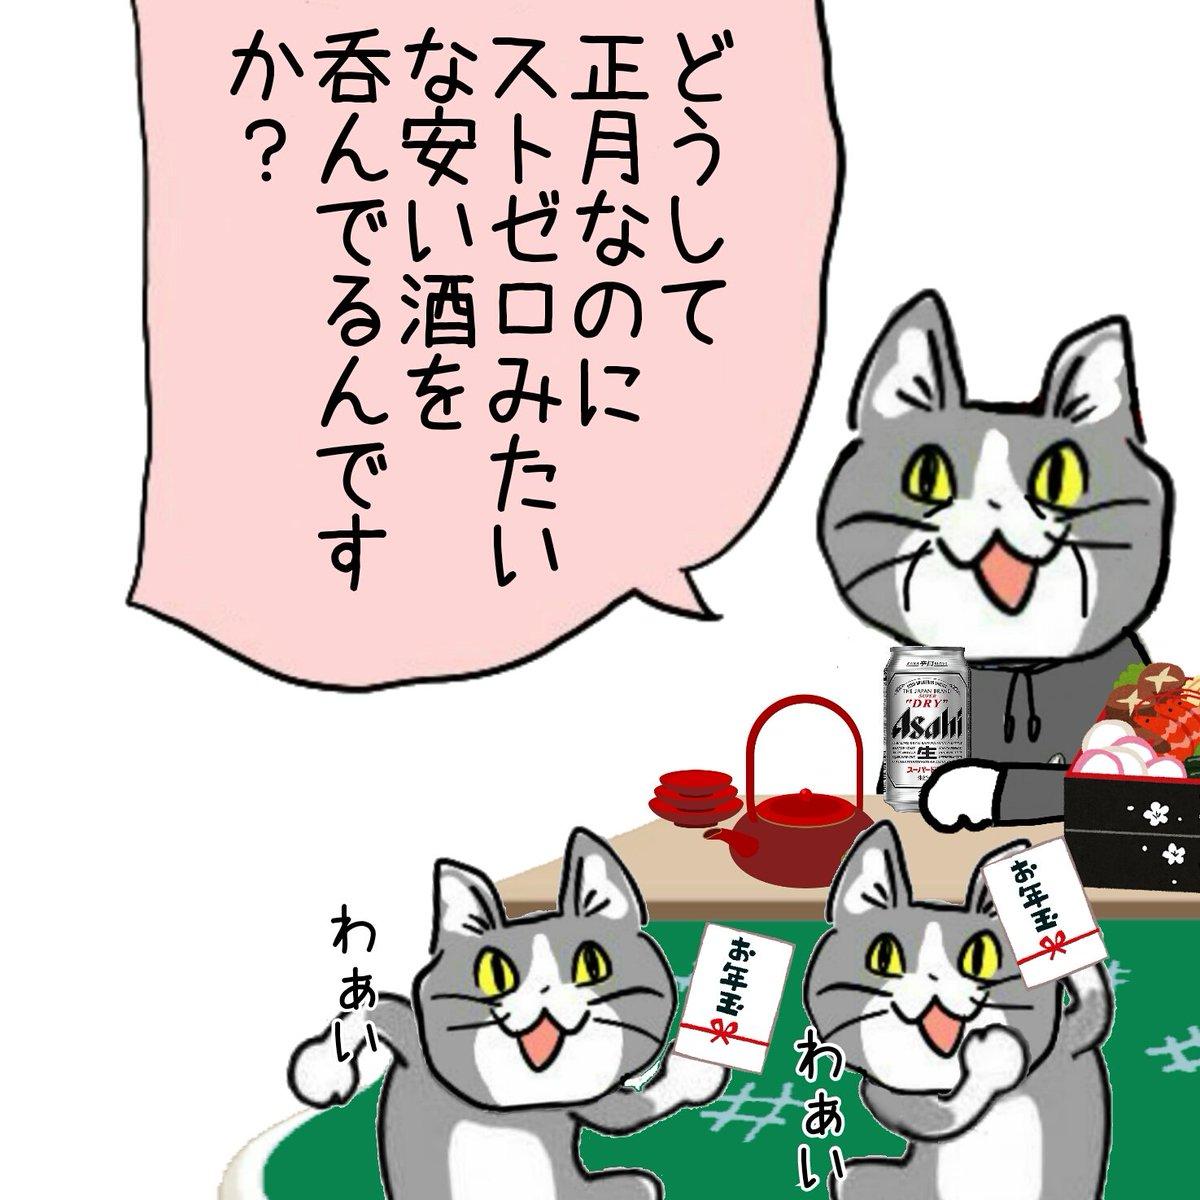 上司猫さんからの新年の挨拶 #電話猫 #現場猫